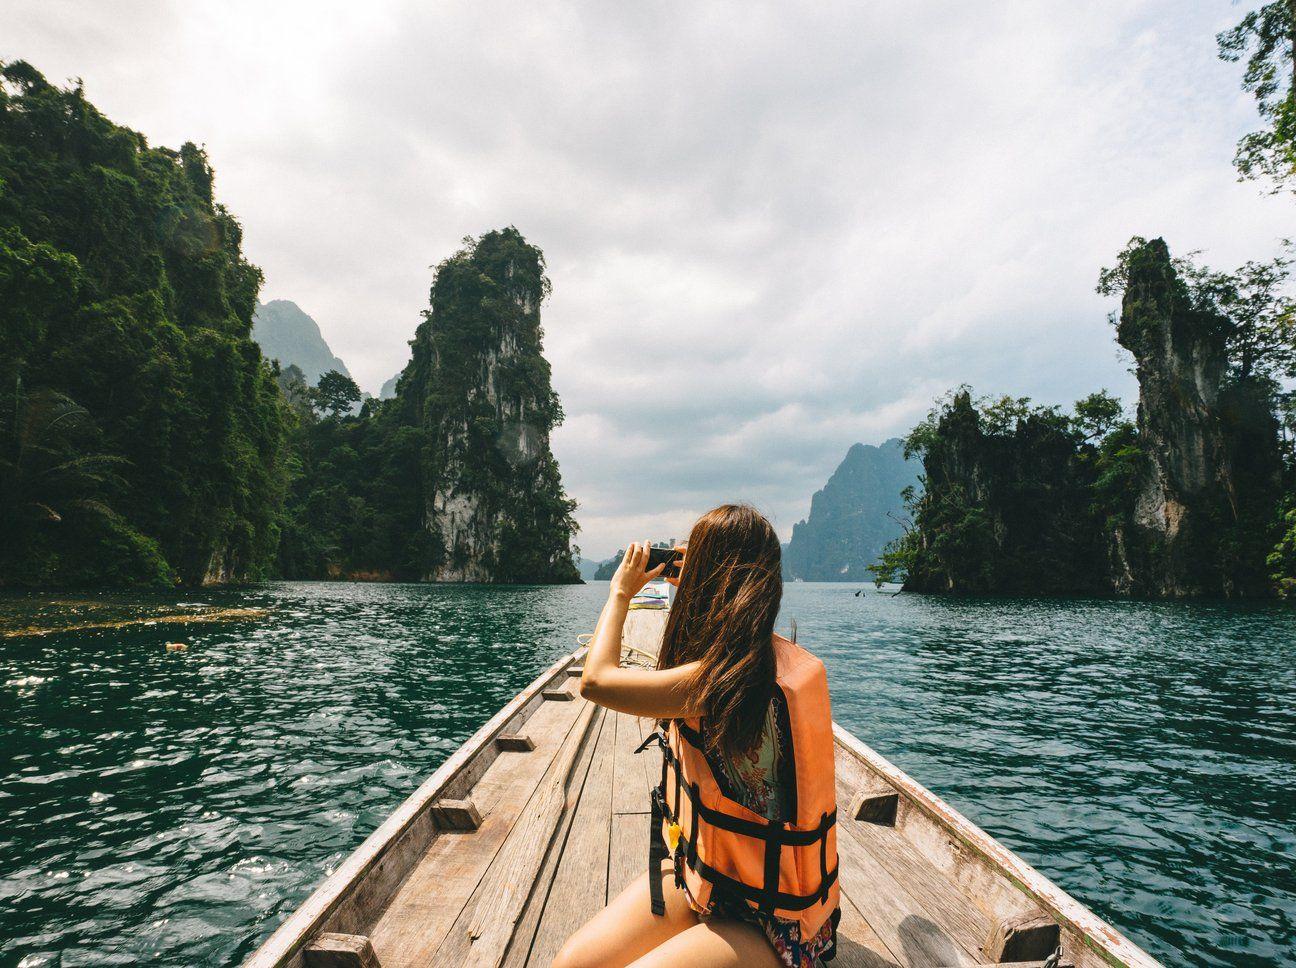 Das sind die 20 schönsten Orte der Welt! ELLE in 2020